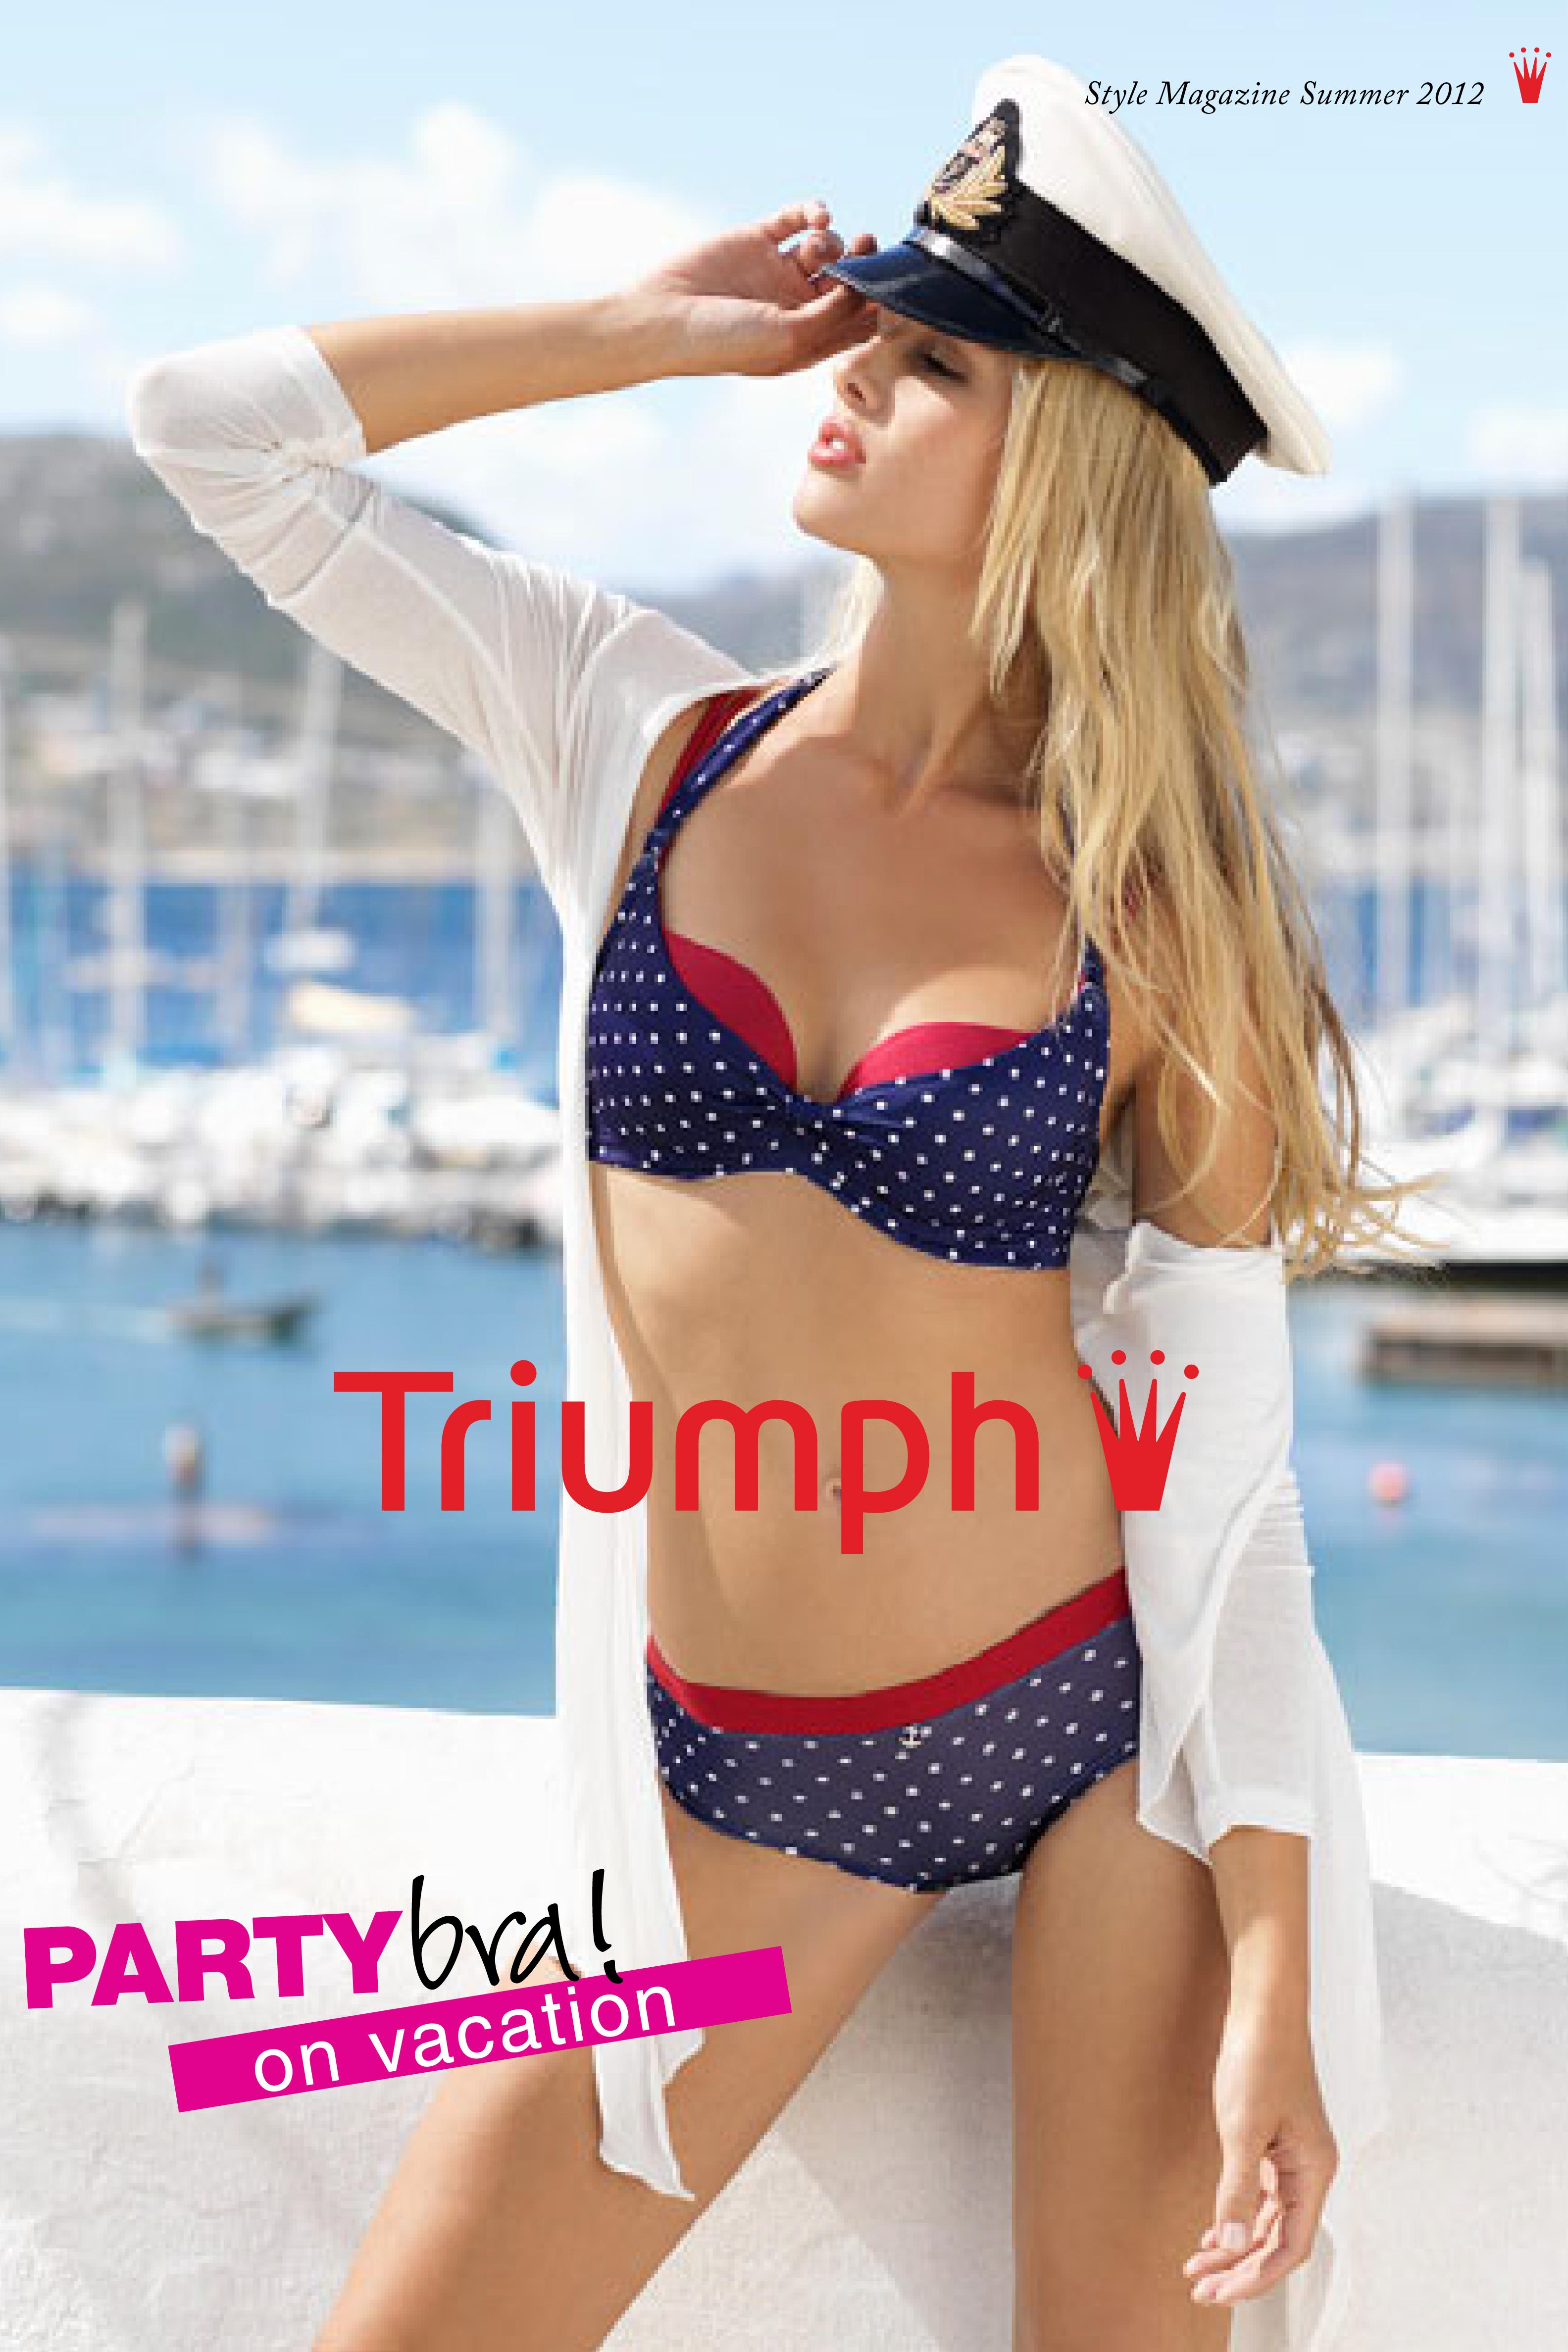 Vero Jack Model Triumph